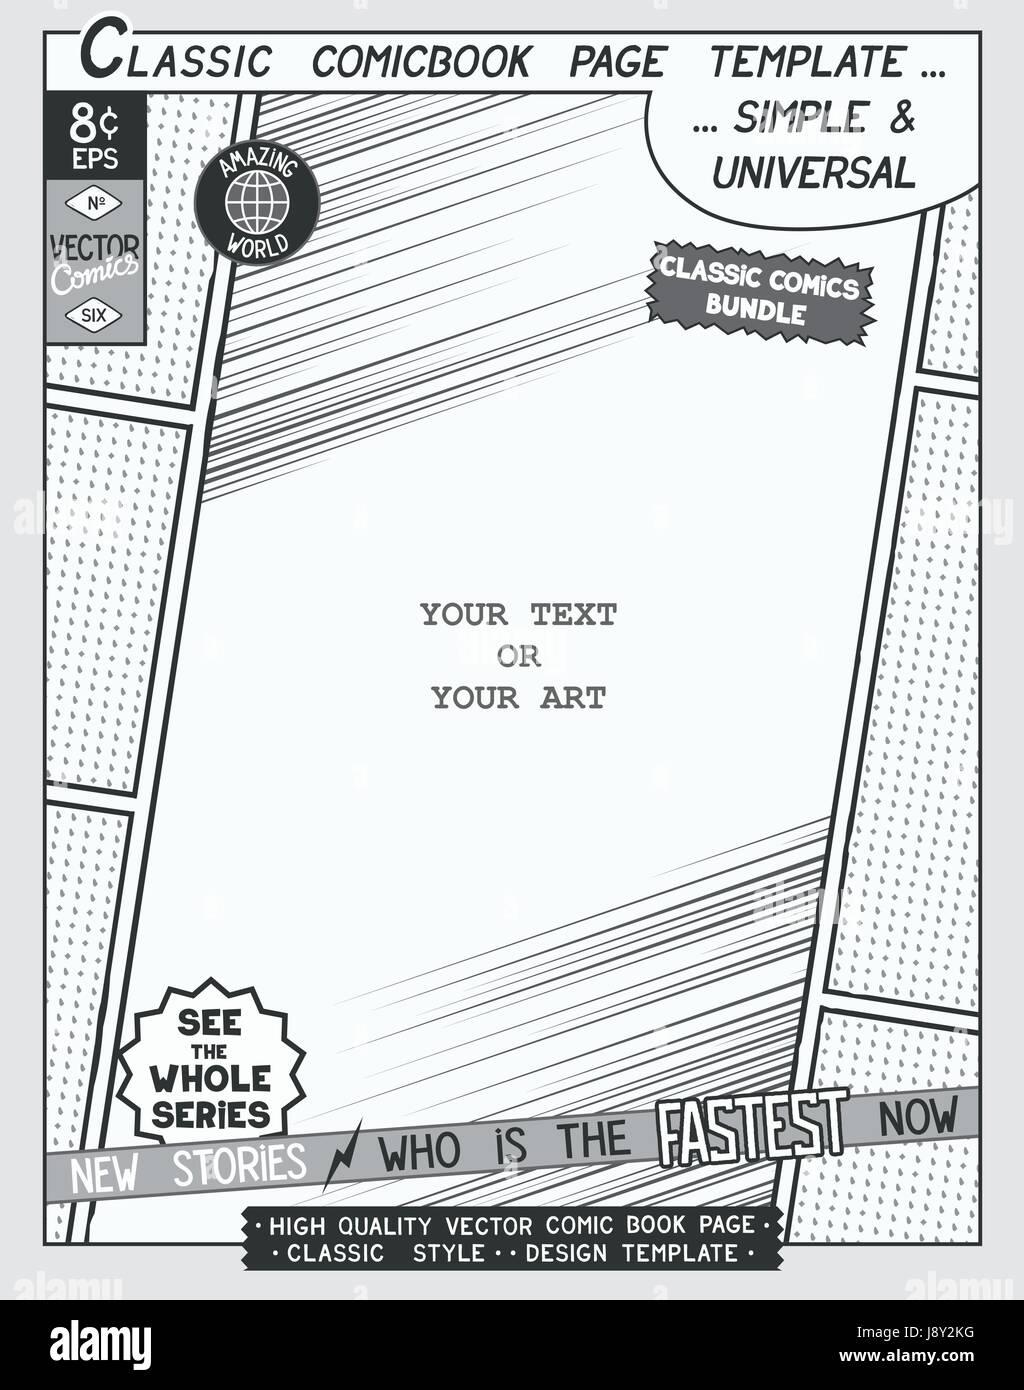 Espacio libre plantilla de página de cómic. Diseño de comics y la ...